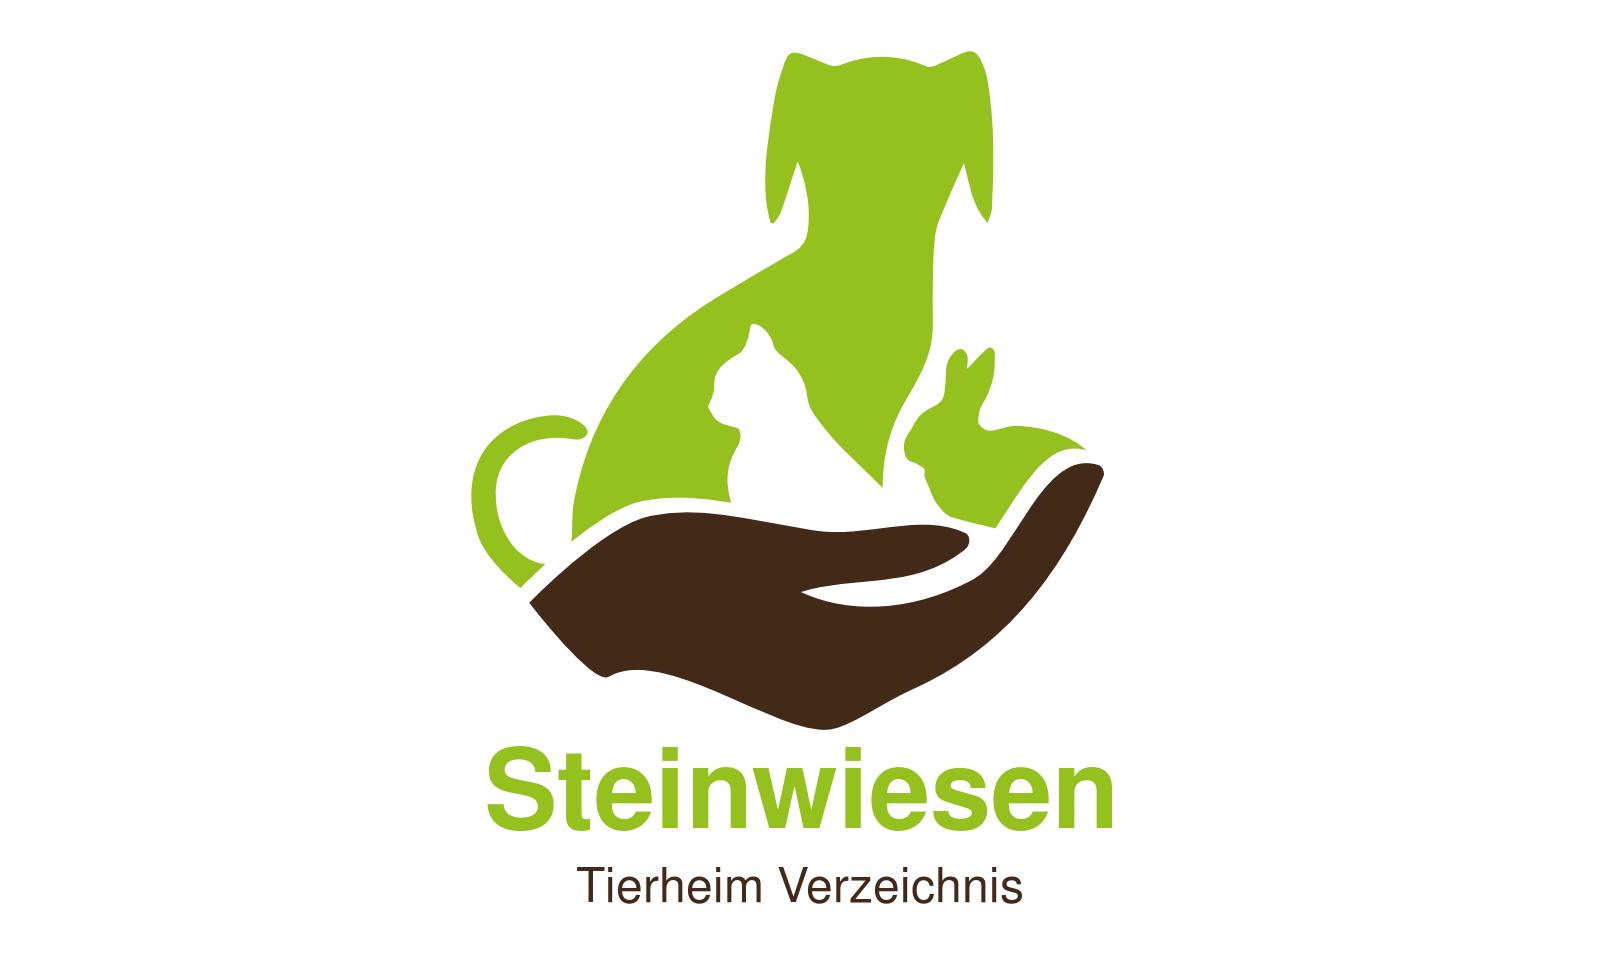 Tierheim Steinwiesen